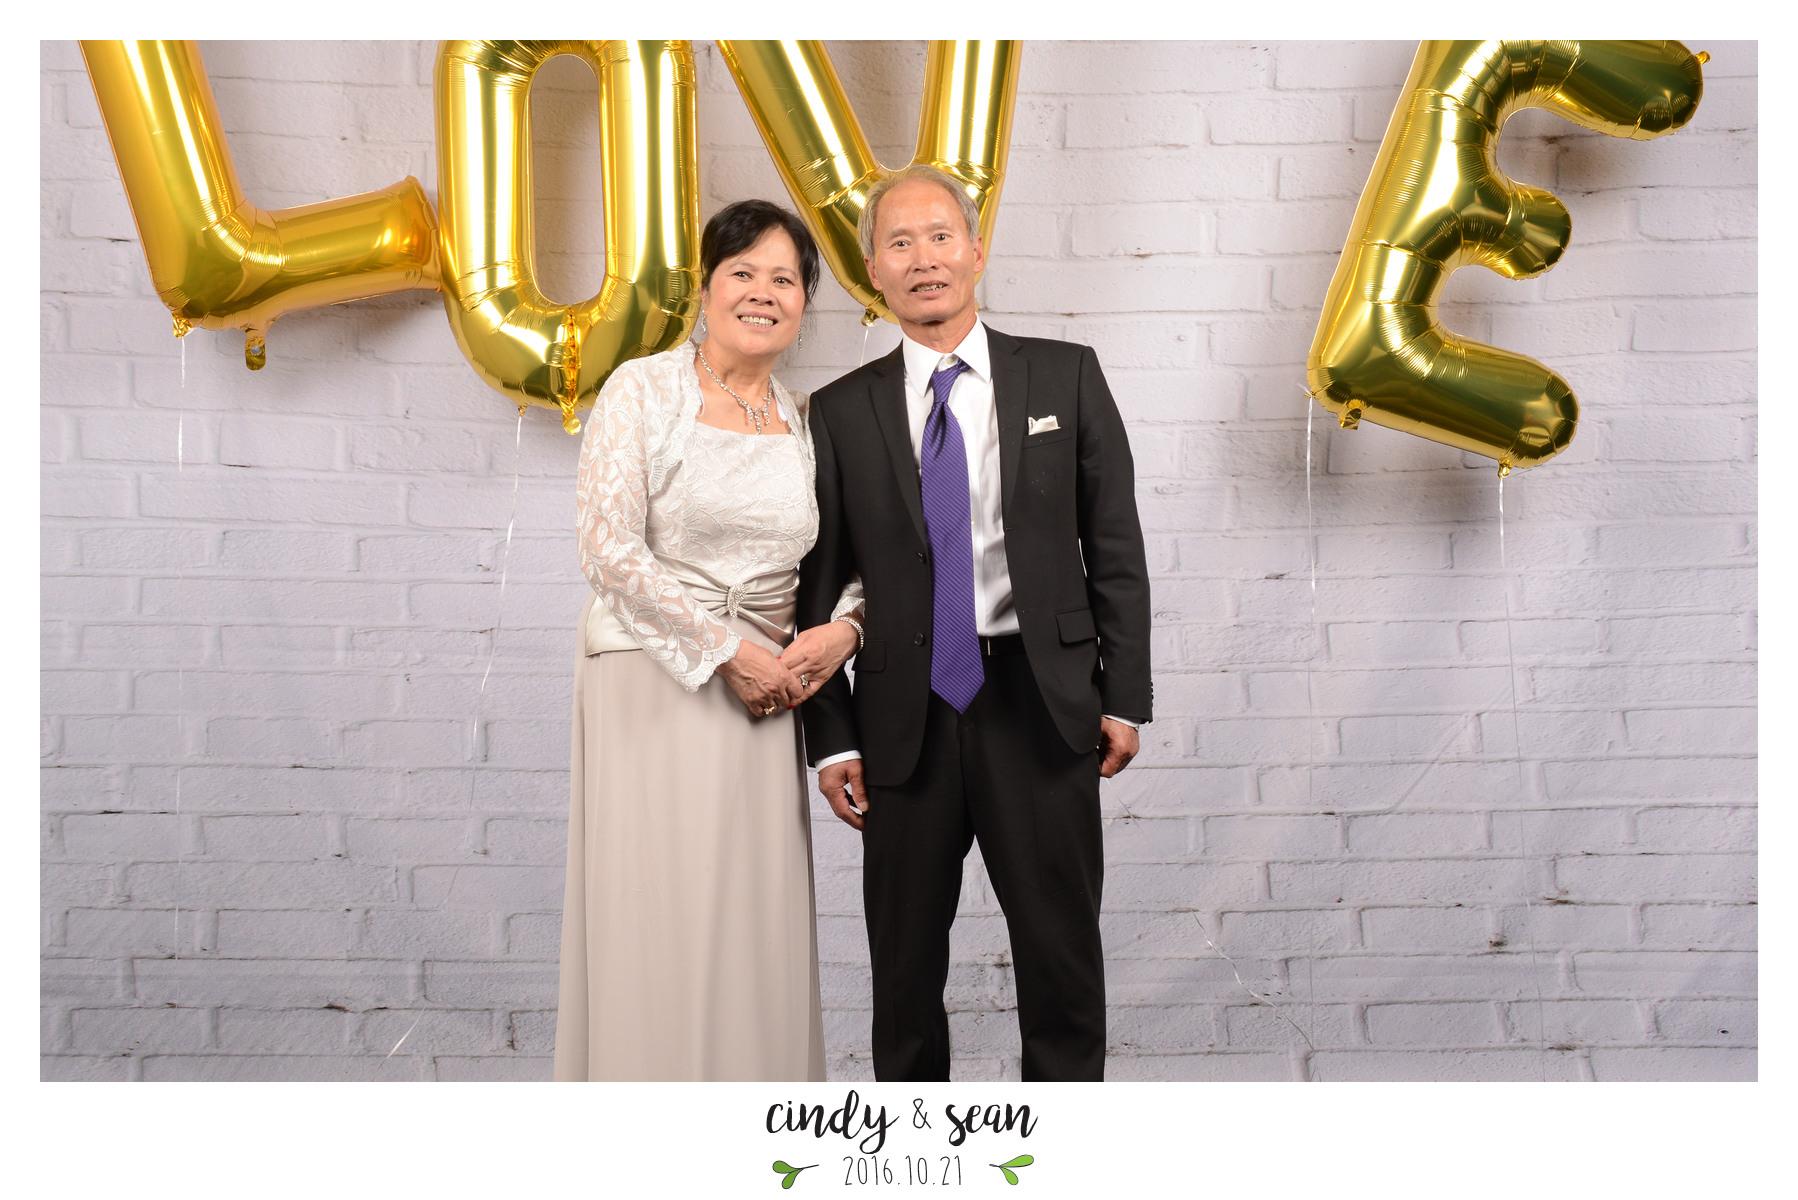 Cindy Sean Bae - 0001-109.jpg